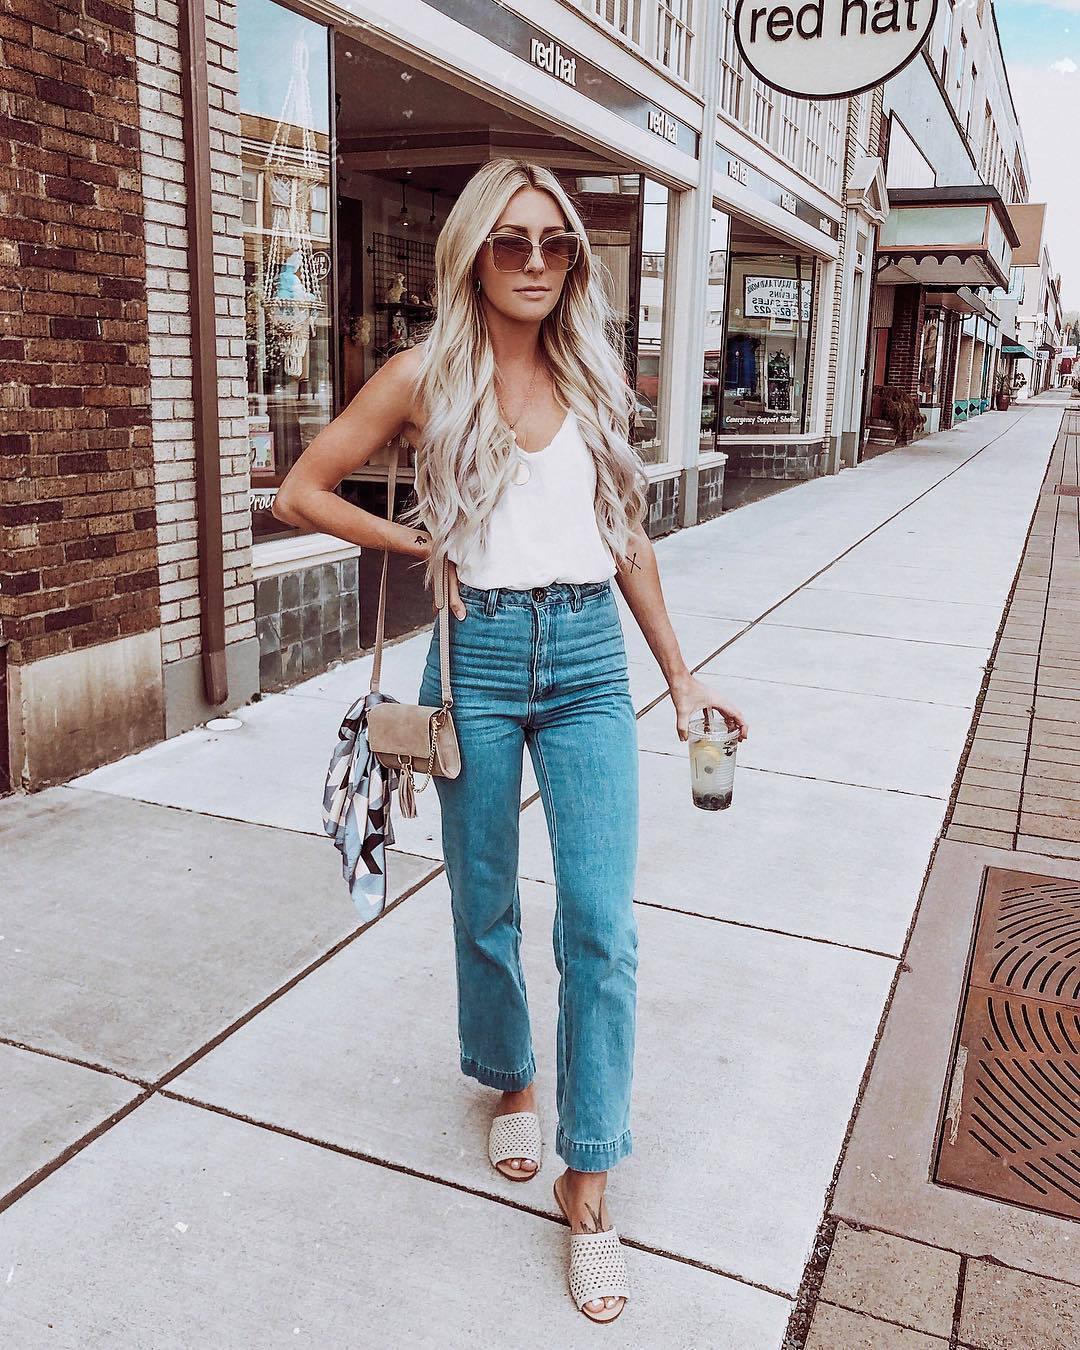 jeans high waisted jeans slide shoes white top tank top v neck shoulder bag